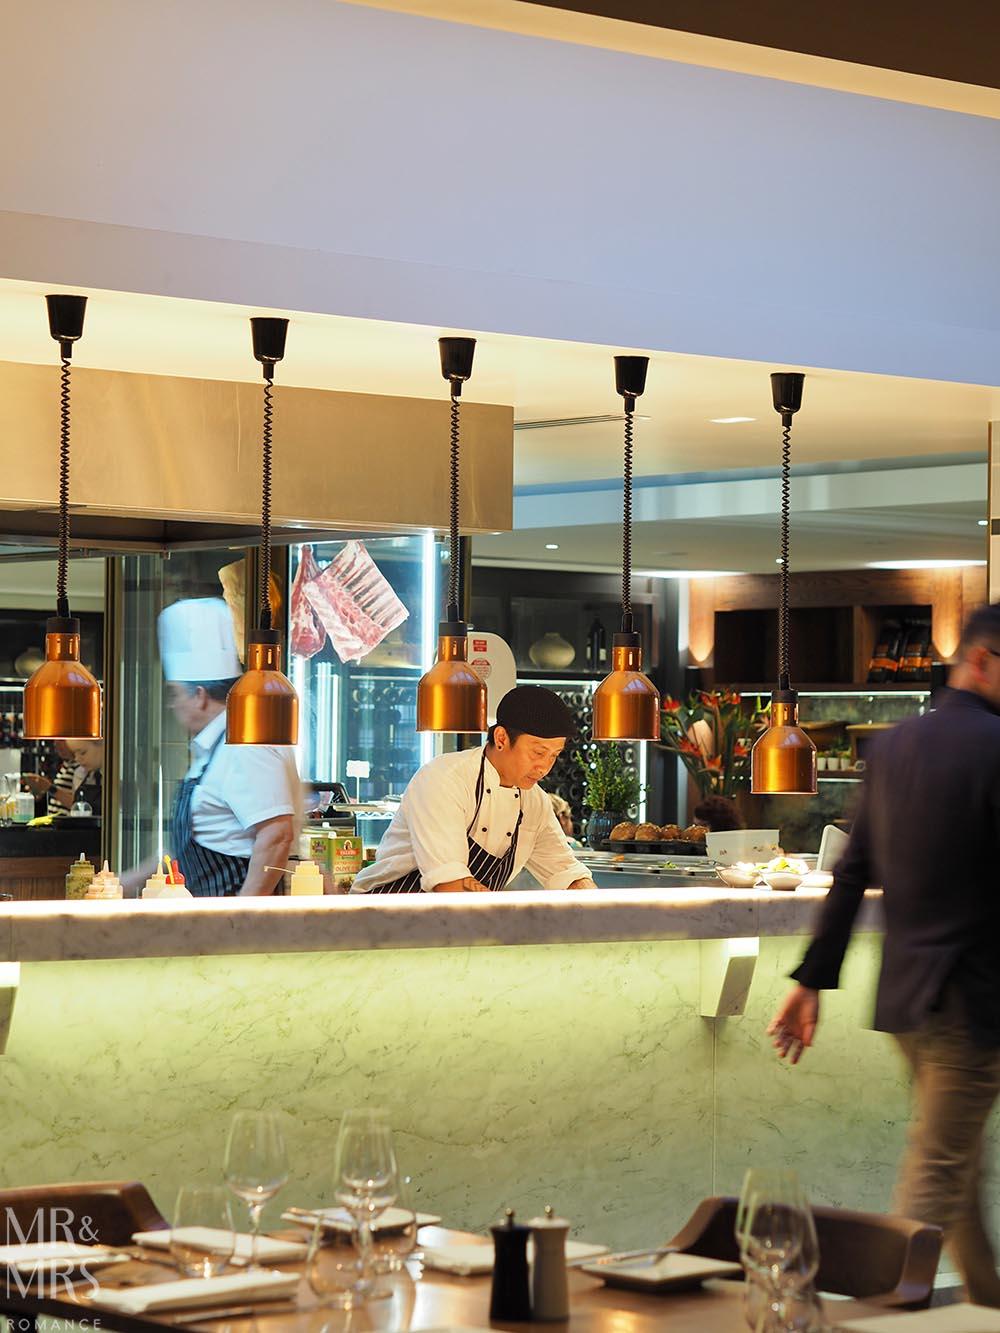 Workshop Kitchen at Powerhouse Hotel Tamworth - best steak in Australia - open kitchen